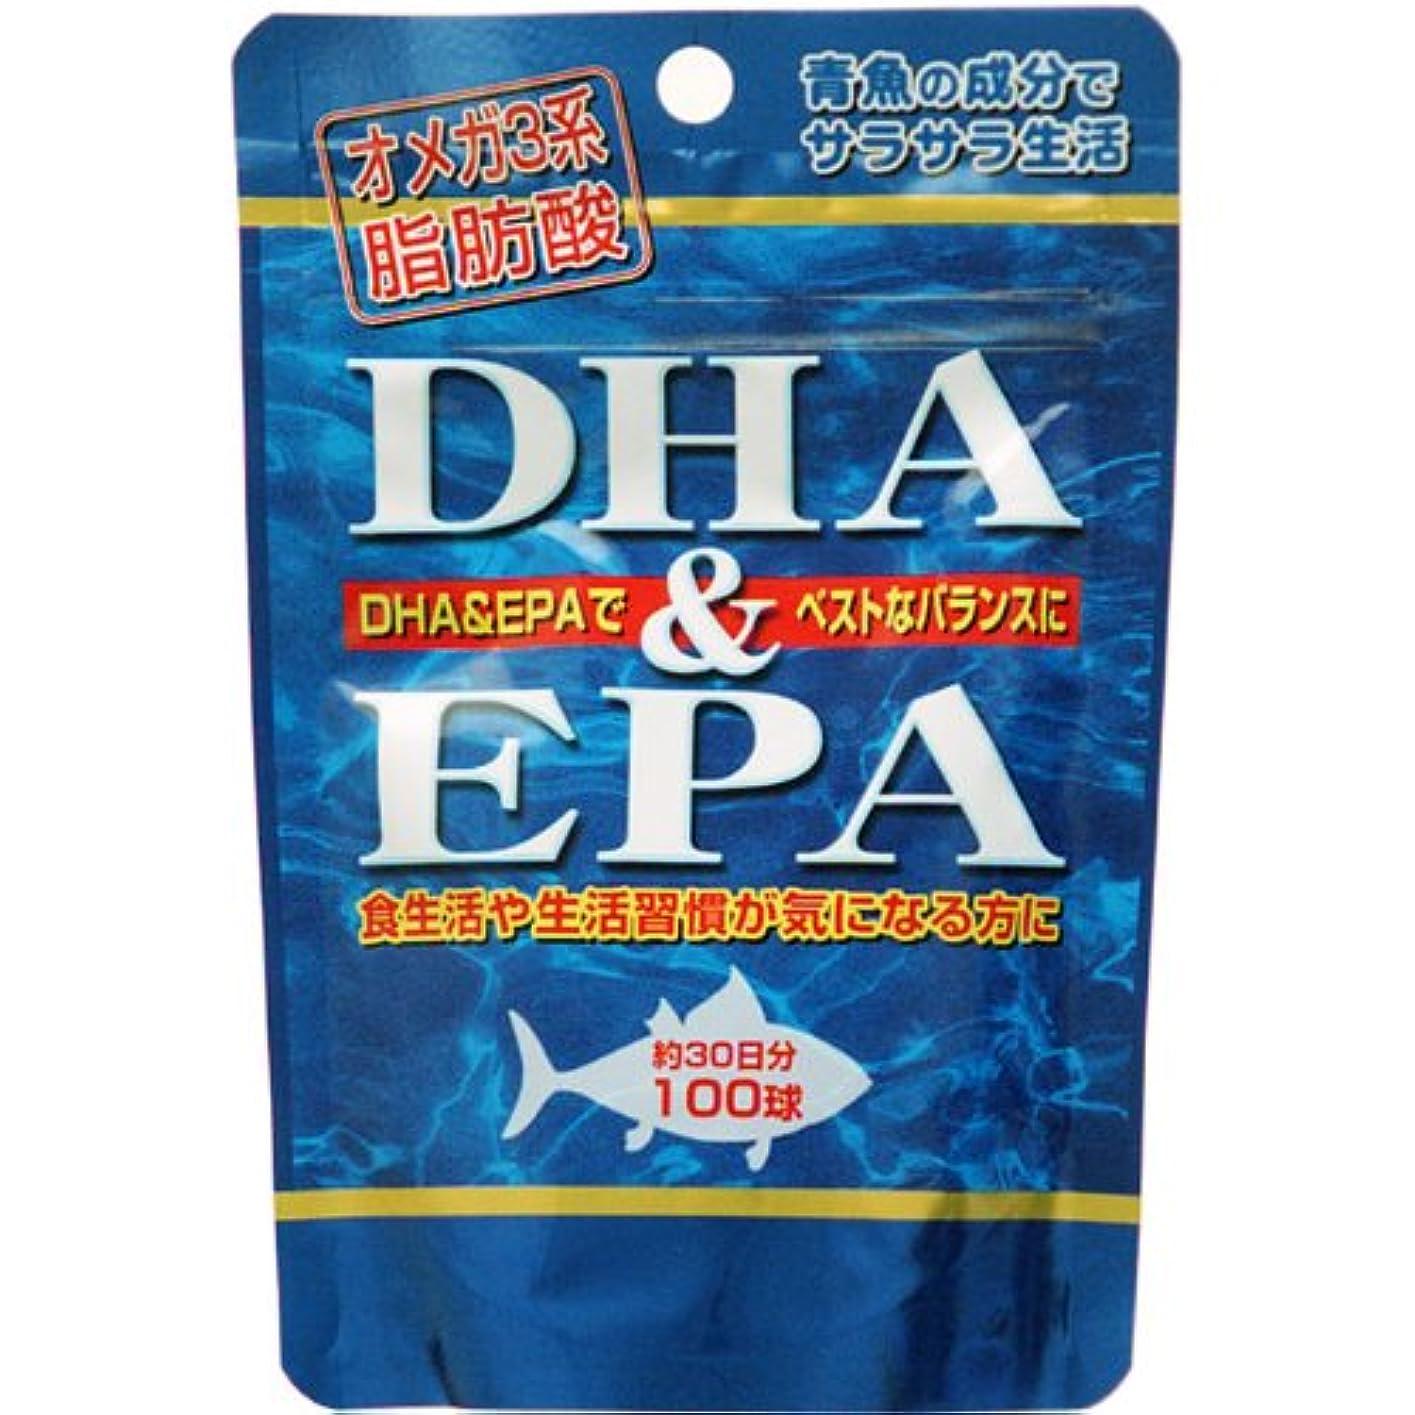 記念碑ウェブ変装DHA(ドコサヘキサエン酸)&EPA(エイコサペンタエン酸)×4